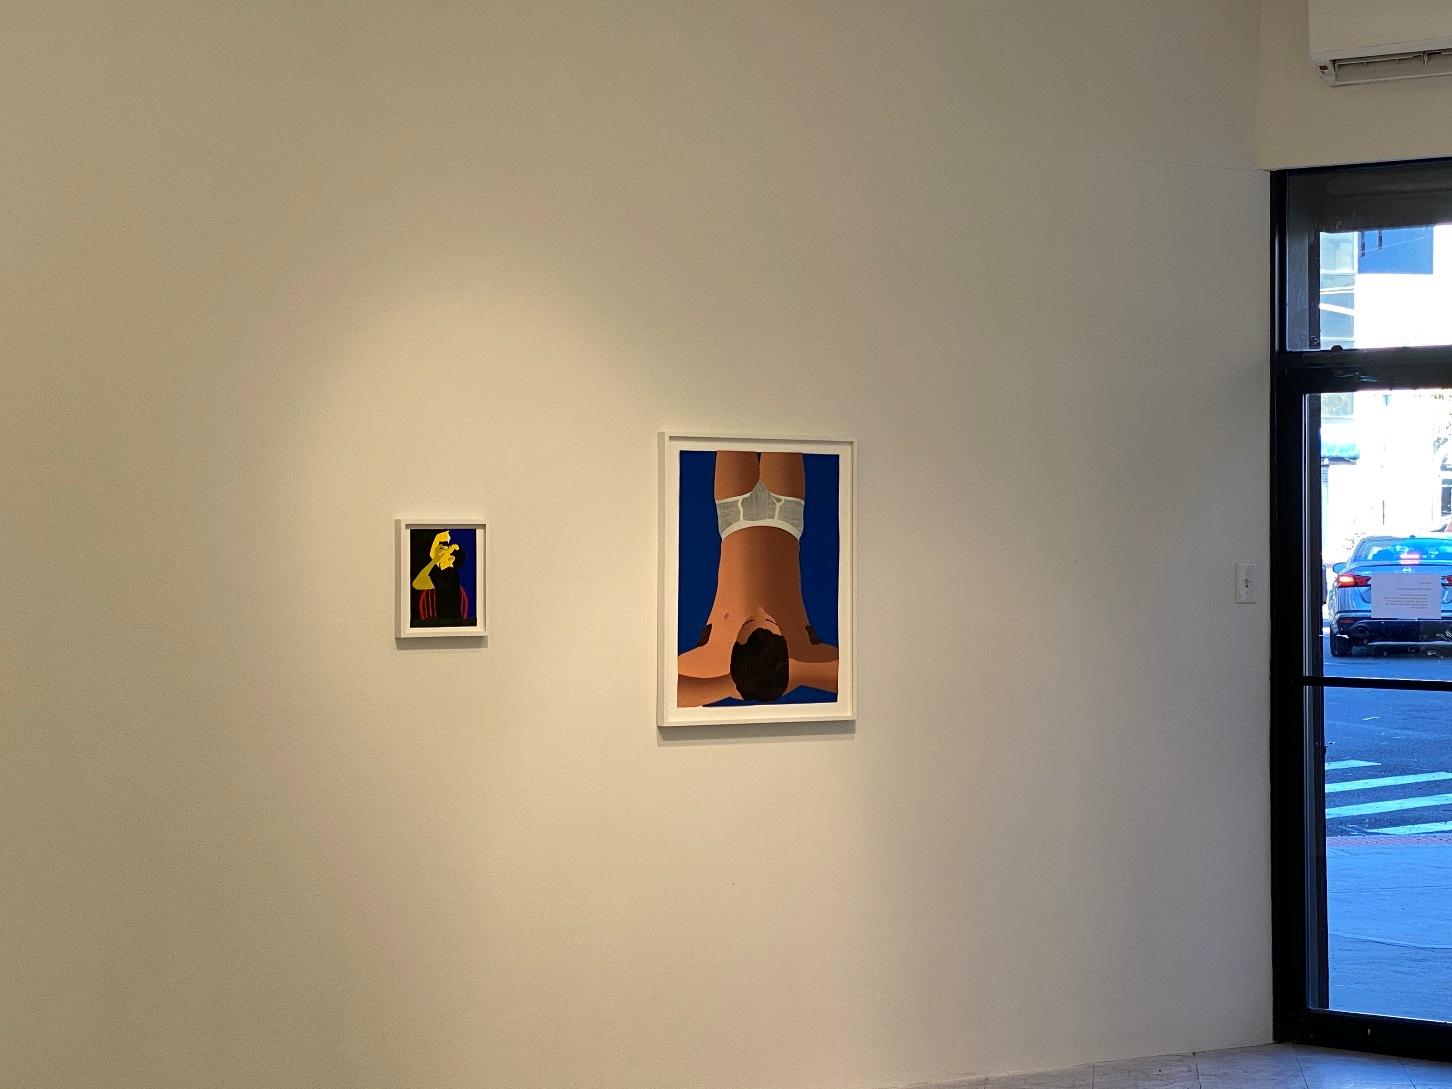 The Amazing Marinaro Gallery Participates in NADA Miami 2020